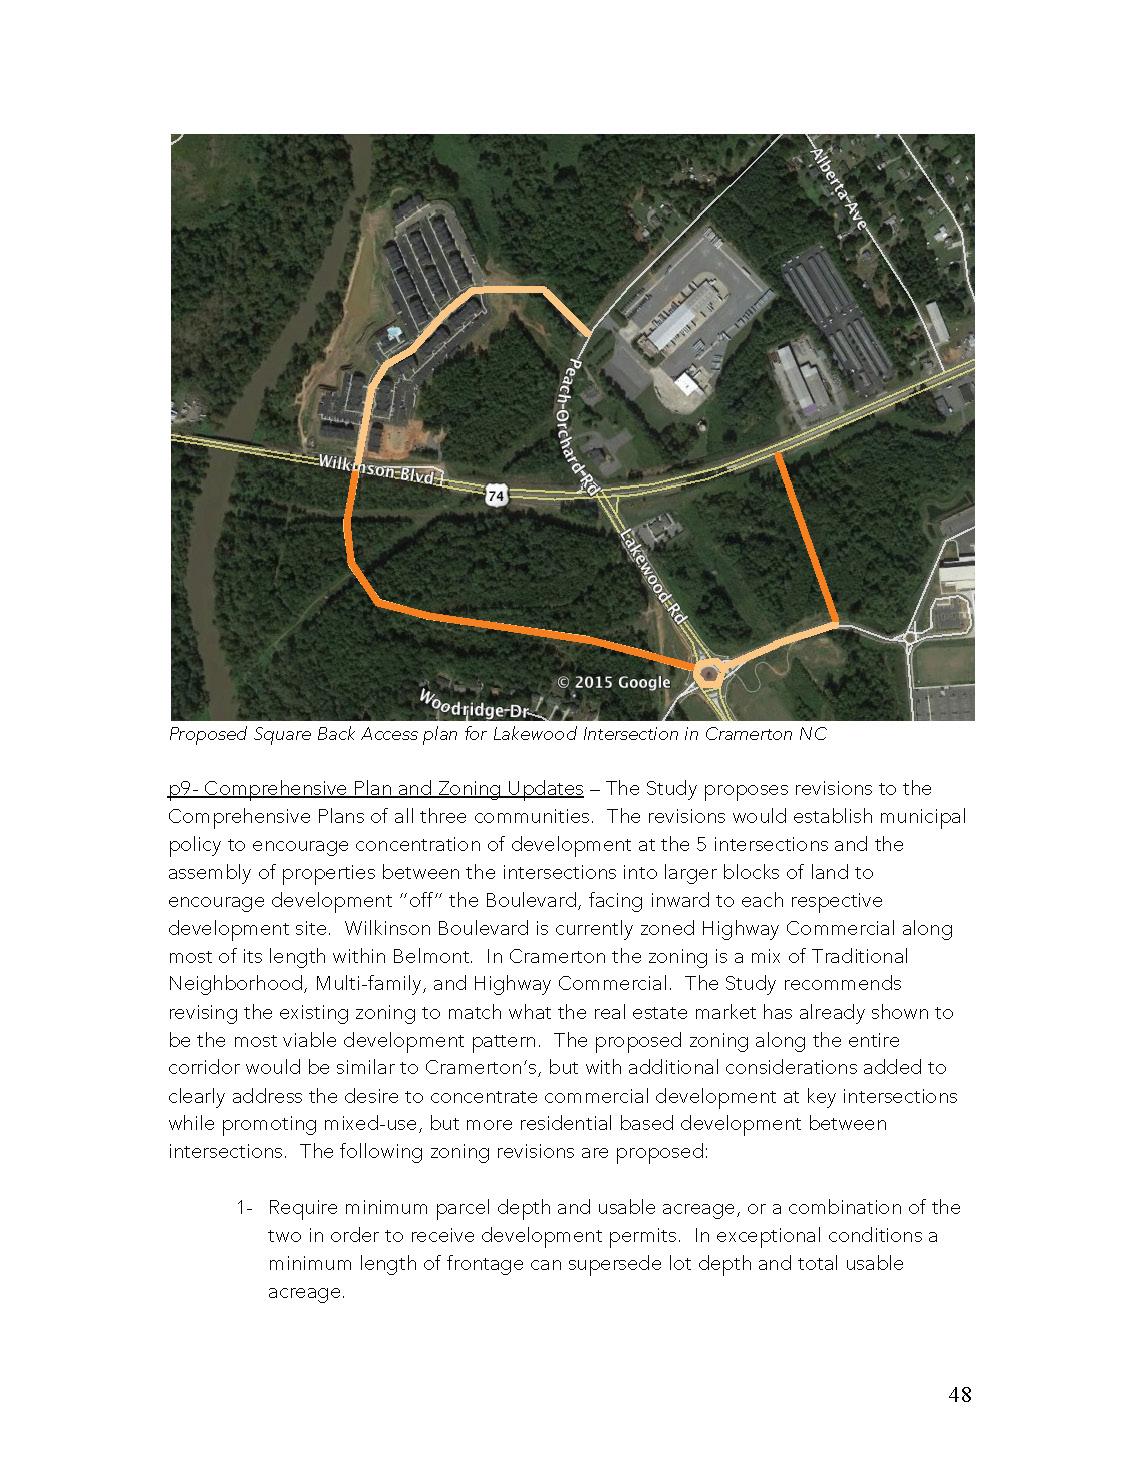 1 WilkinsonBlvd Draft Report 1-22-15 RH_Peter Edit_Page_48.jpg